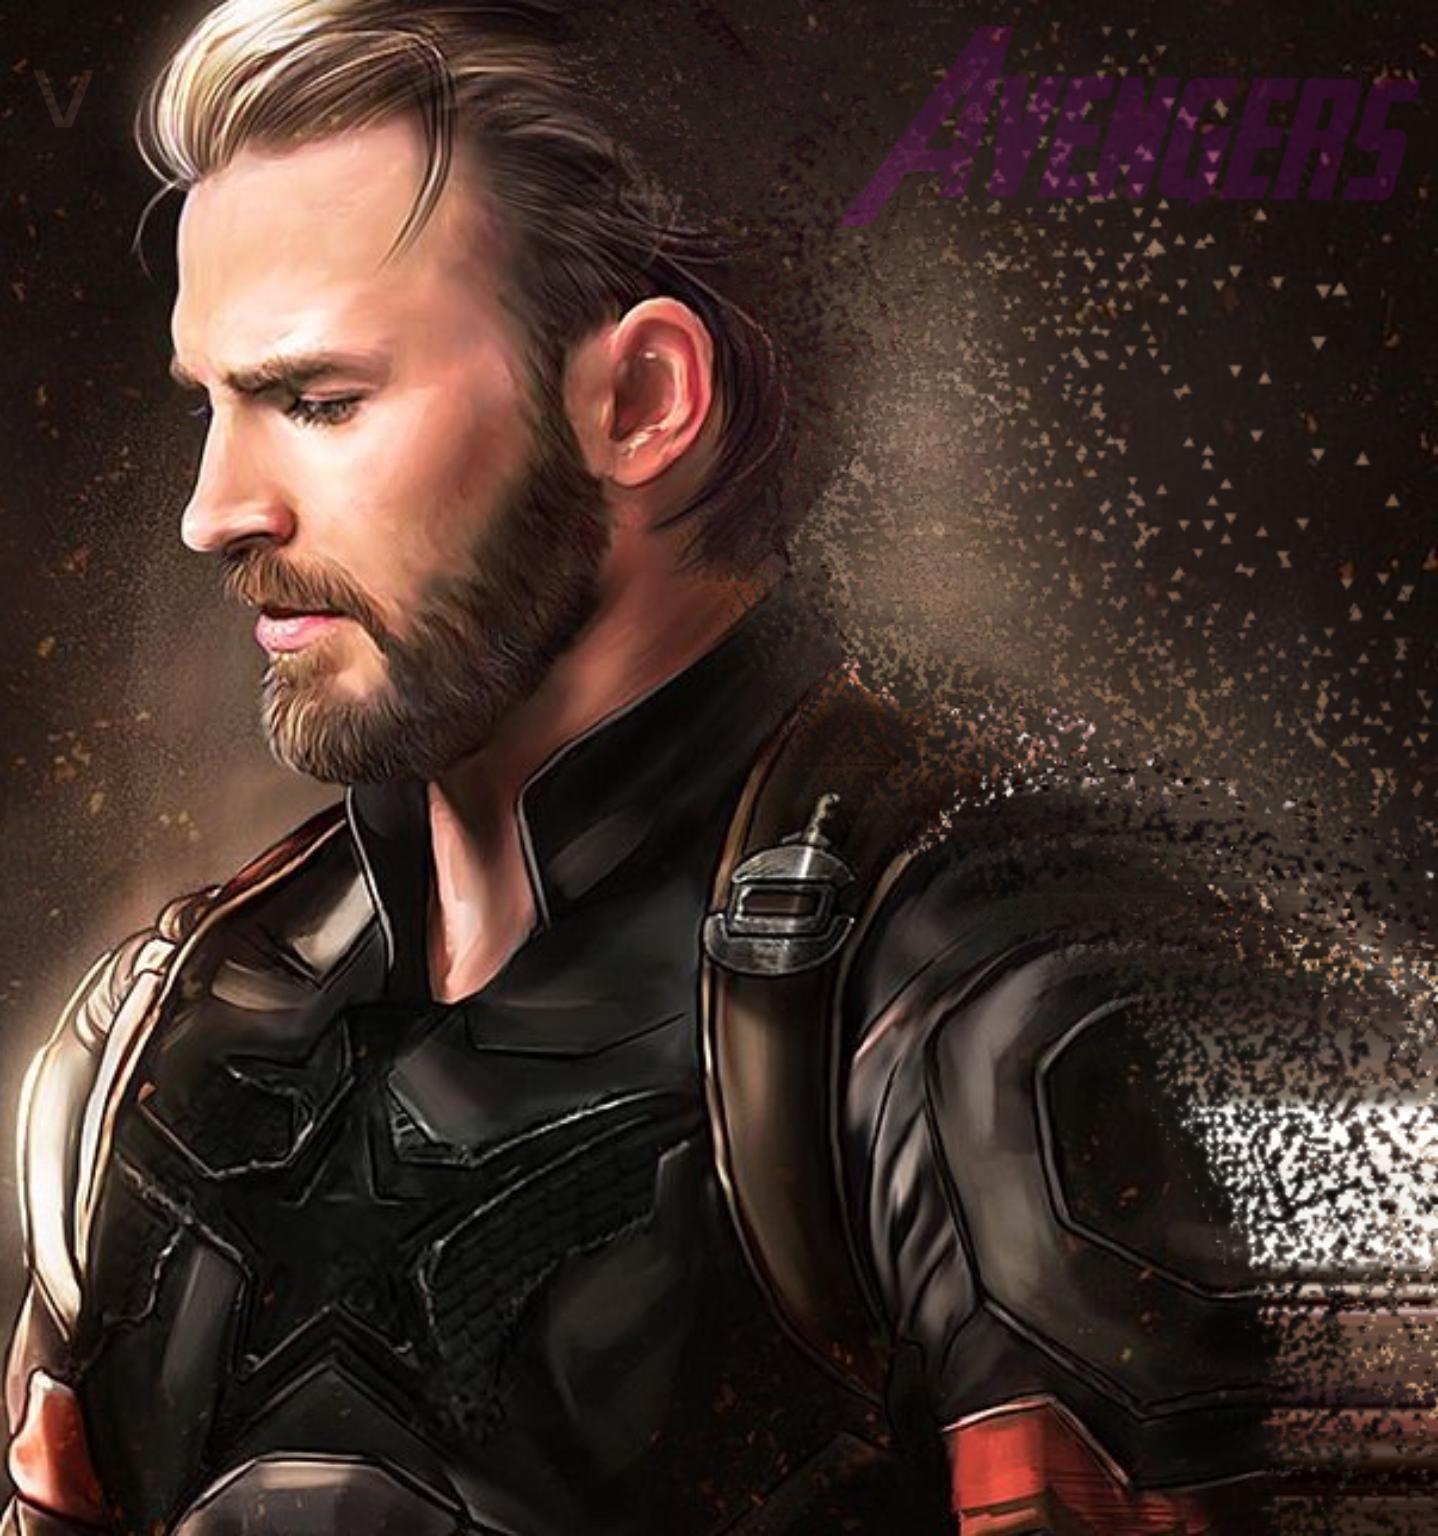 Wallpaper : Steve Rogers, Captain America, Avengers 4